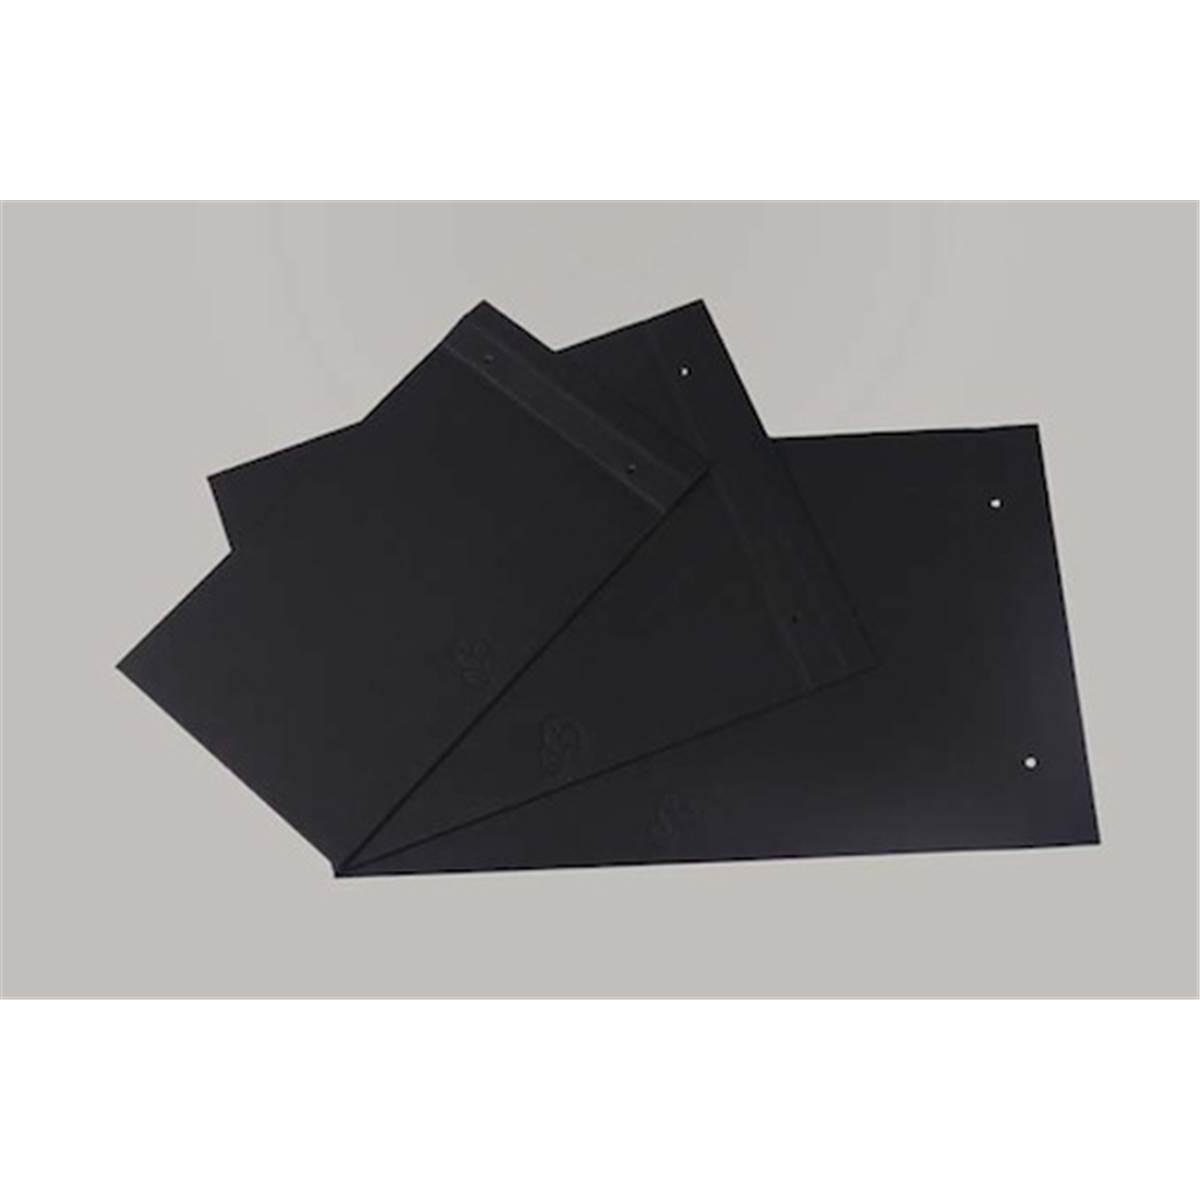 hahnem hle album photo cuir noir classic a4 prophot. Black Bedroom Furniture Sets. Home Design Ideas